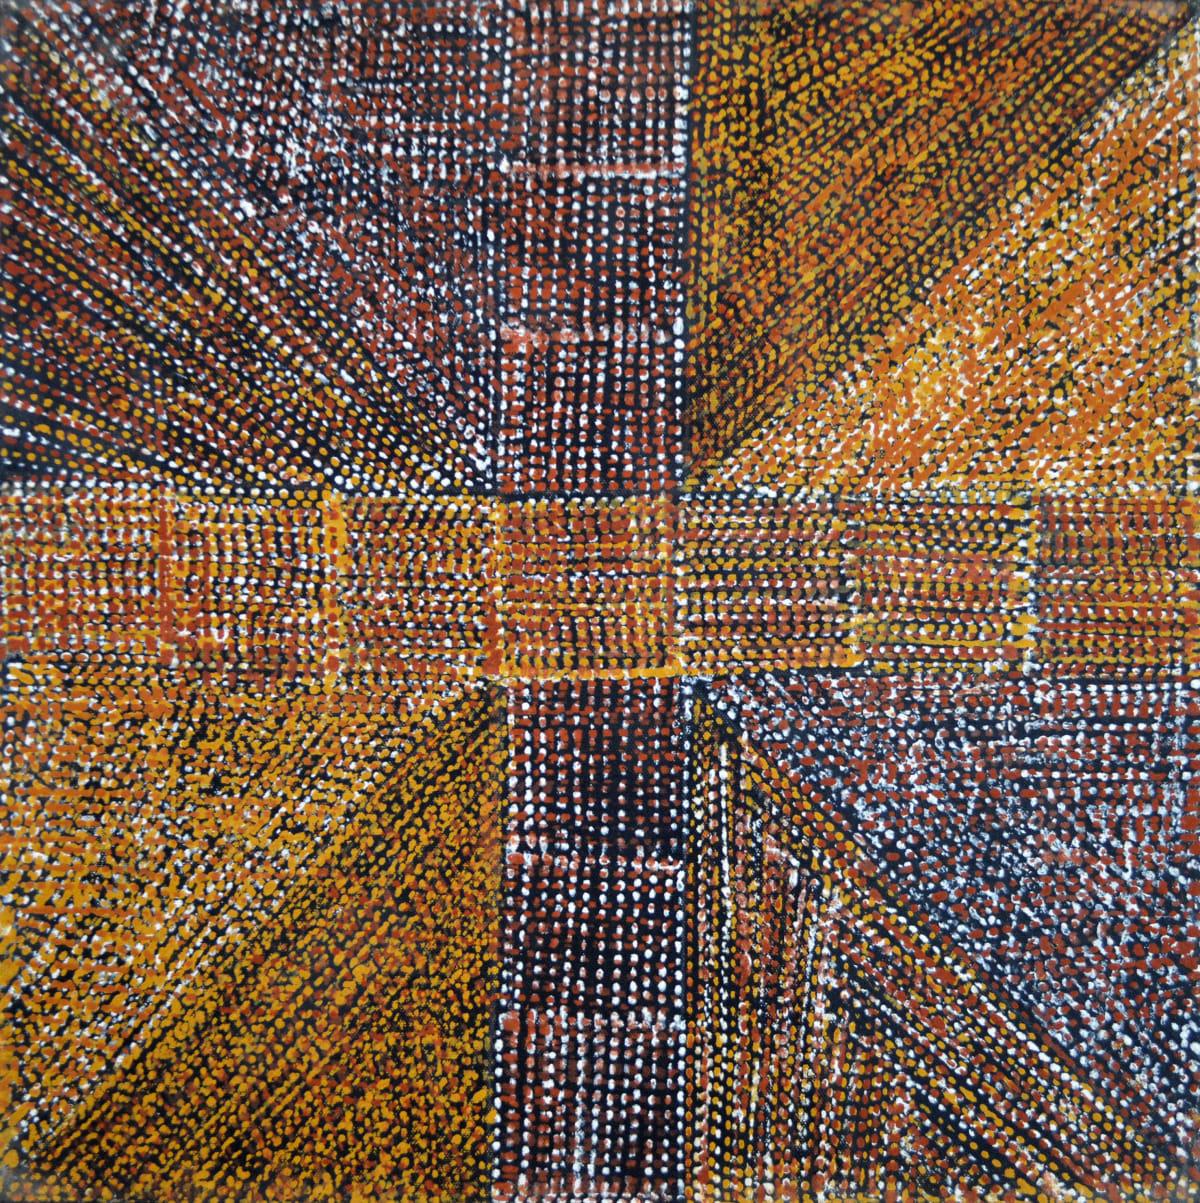 Kaye Brown Jilamara natural ochres on canvas 45 x 45 cm